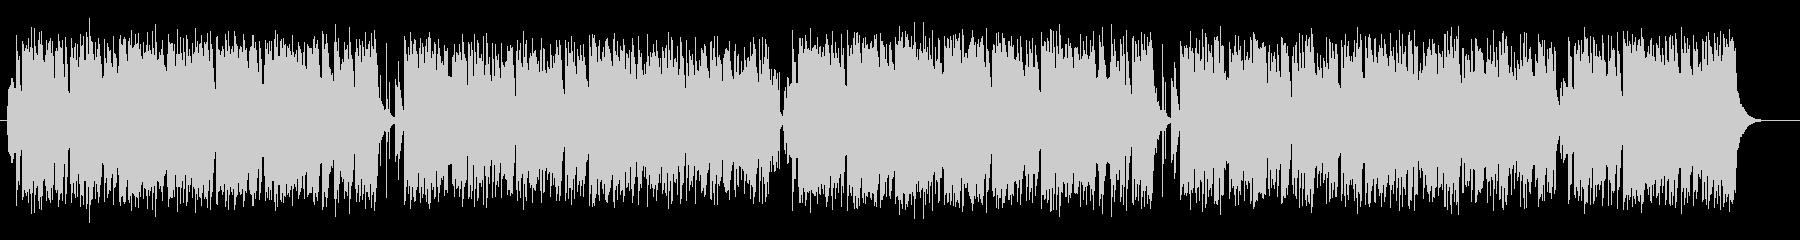 明るいアップテンポの前向きな曲の未再生の波形